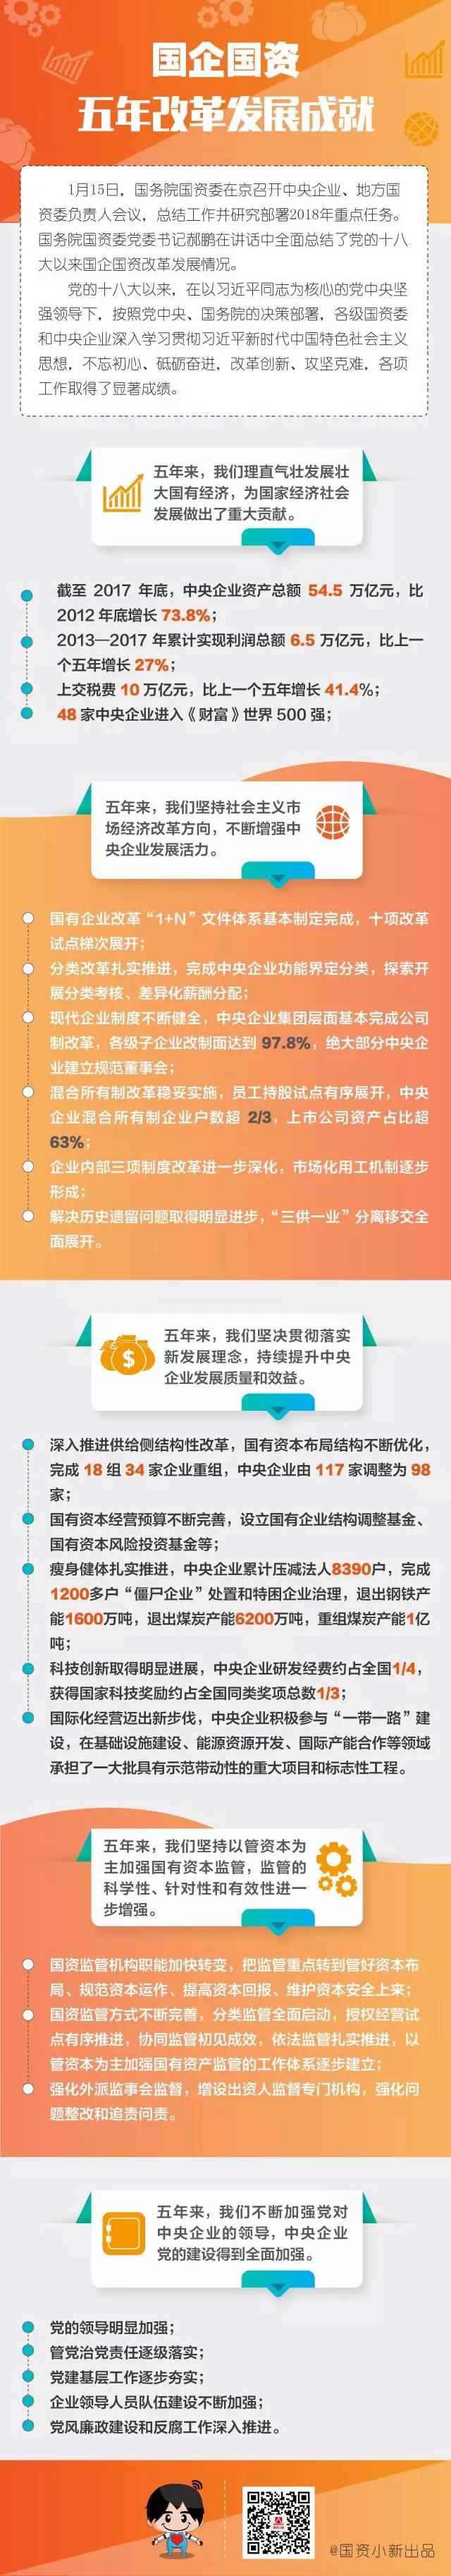 国企国资五年改革发展成就